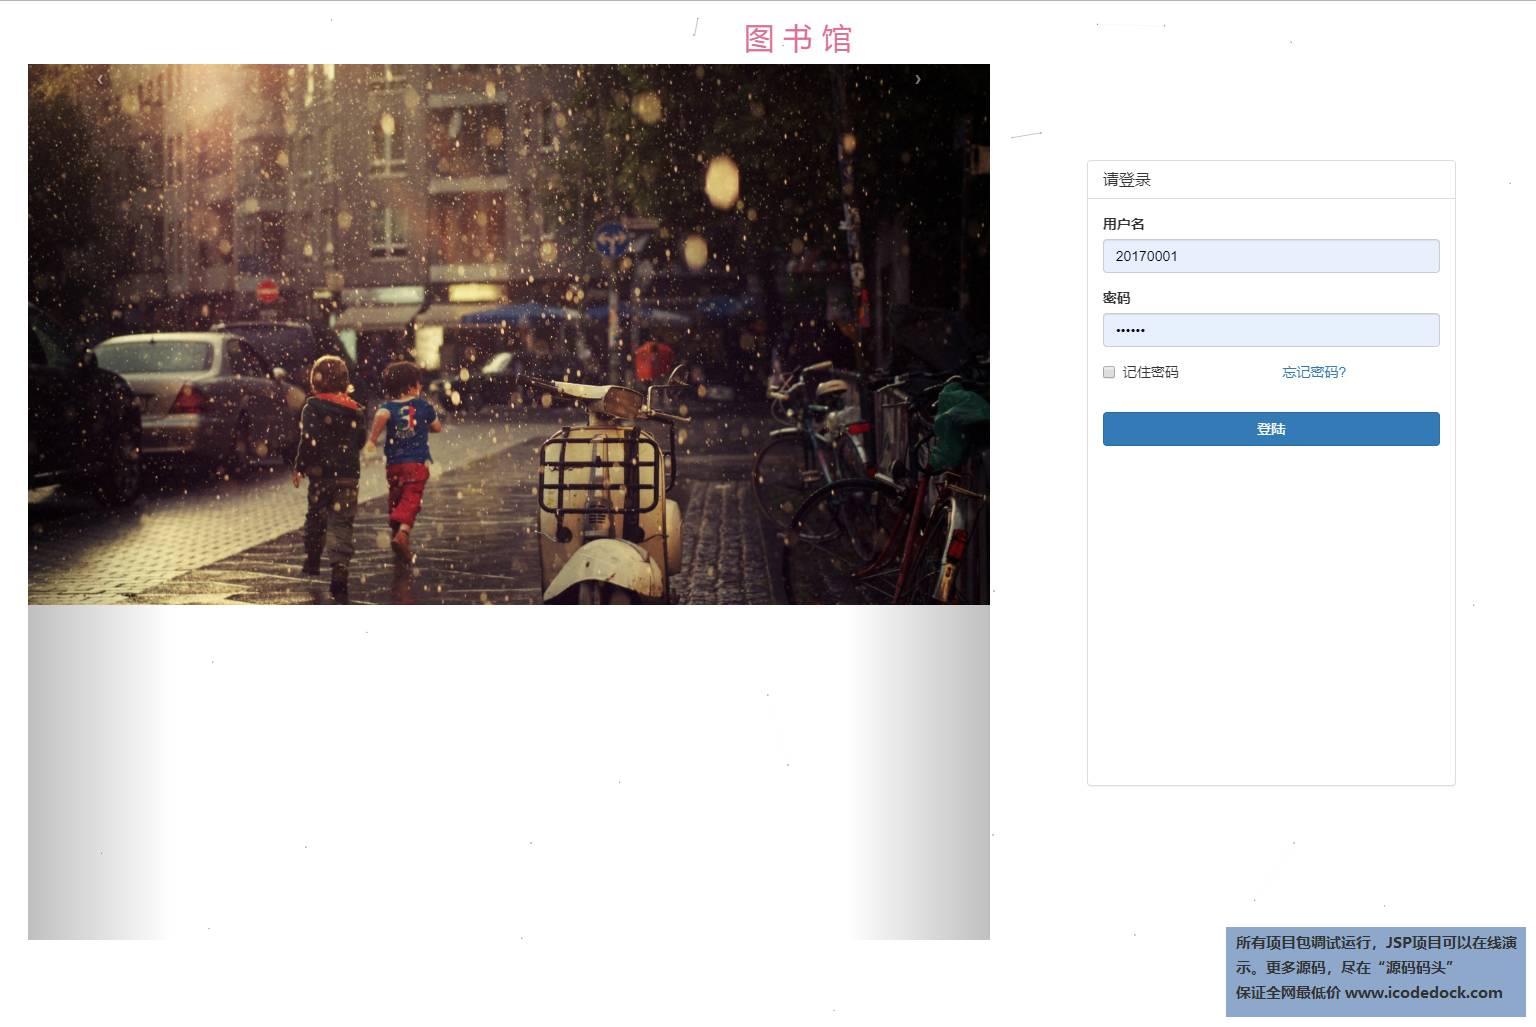 源码码头-Spring图书借阅管理系统-登录页面